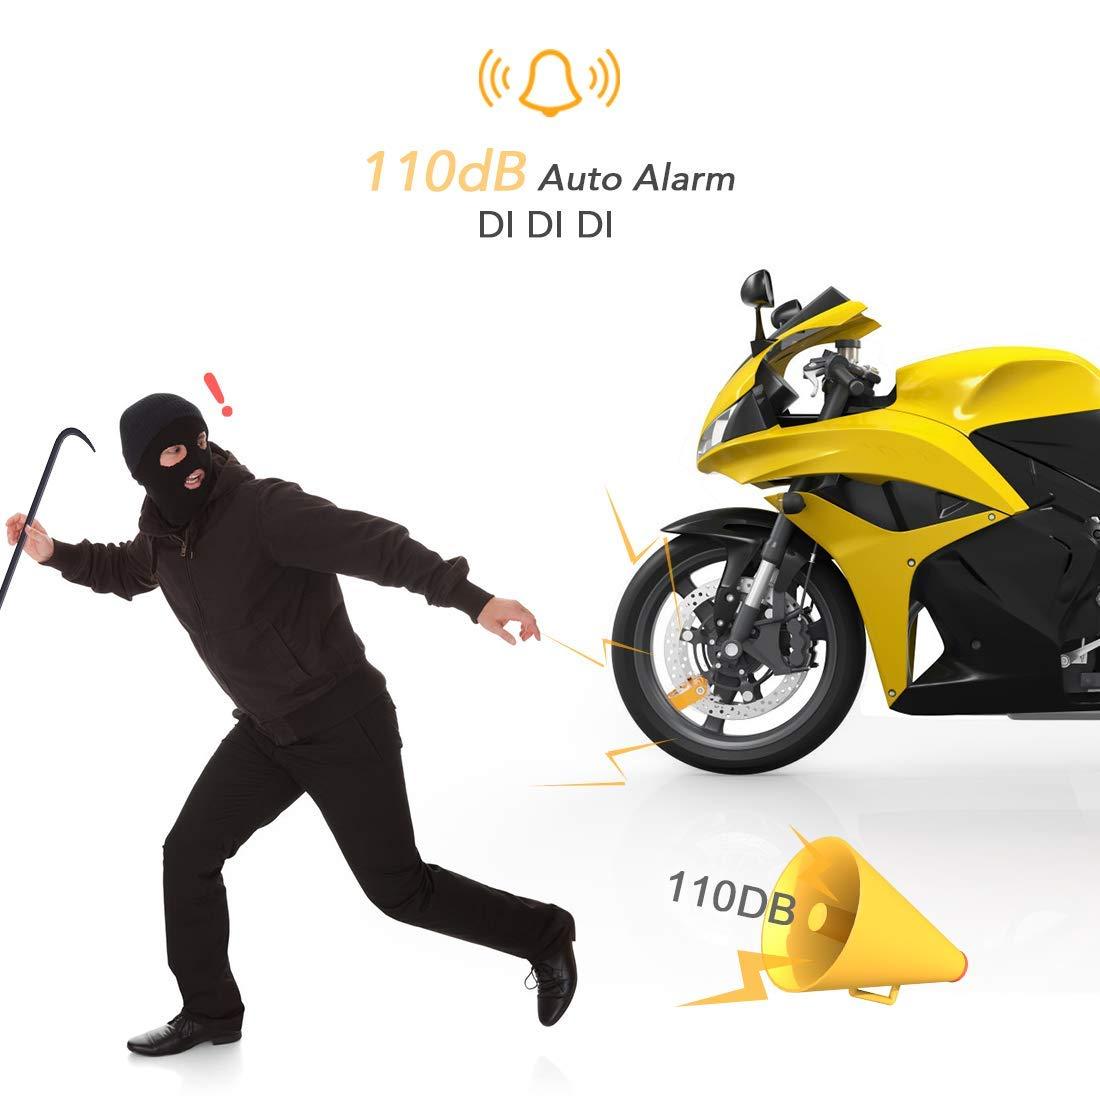 AGPTEK Candado Disco Moto con Alarma Antirrobo Acero 7mm 110DB para Motos, Motocicletas, Bicicletas, Candado Bloqueo para Moto Impermeable con Bolsa y ...